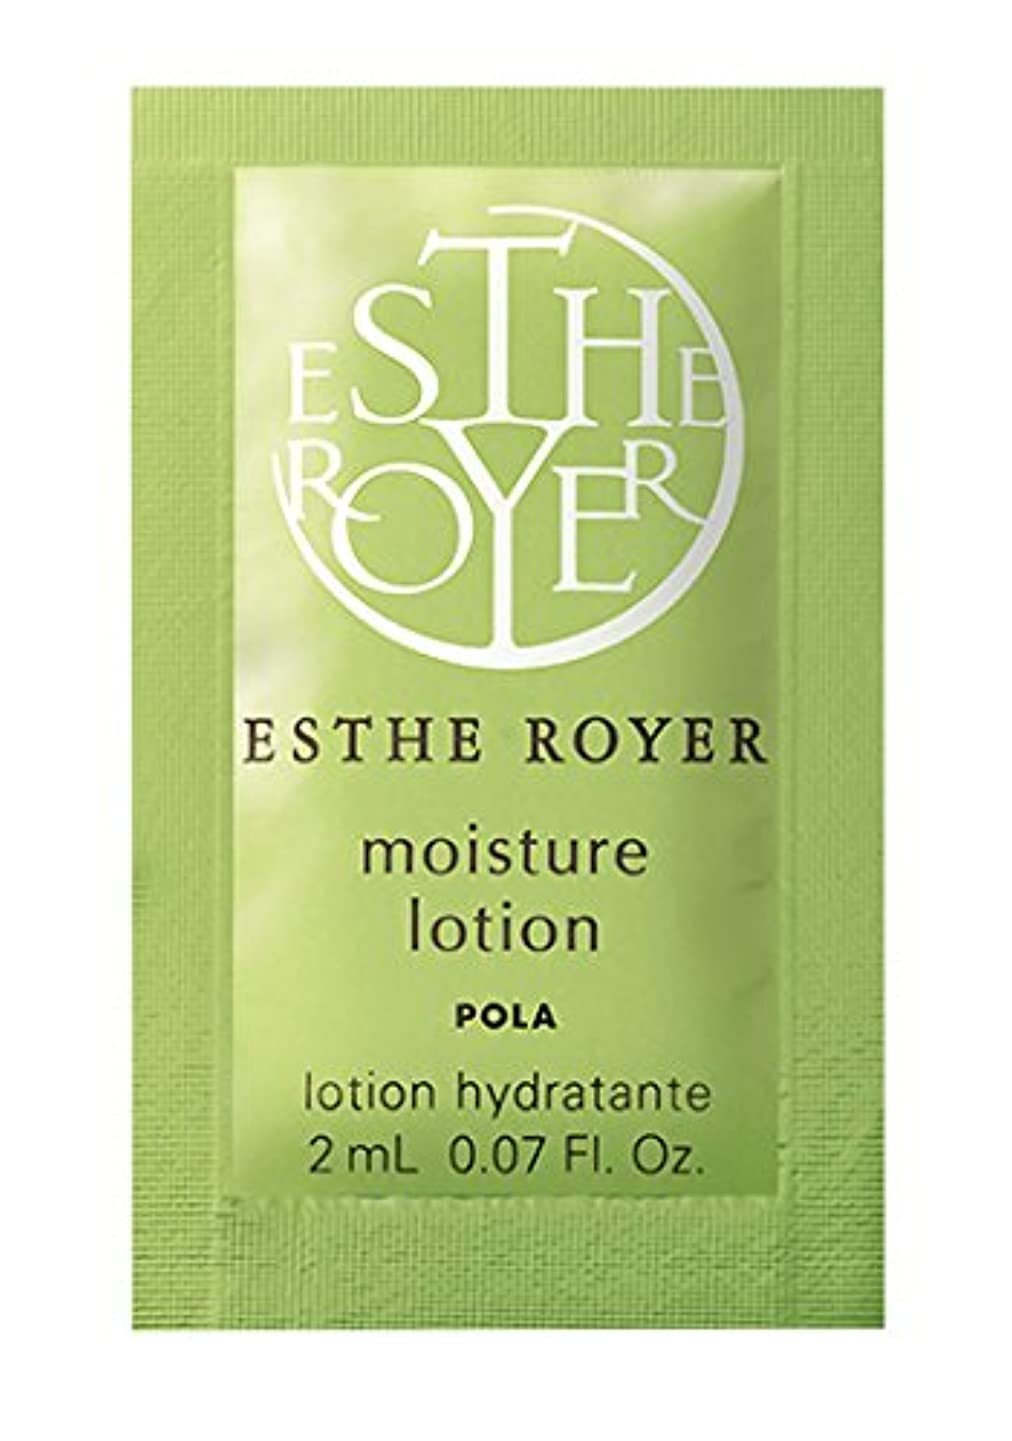 虚偽まもなくボンドPOLA ポーラ エステロワイエ モイスチャーローション 化粧水 個包装 2ml×100包